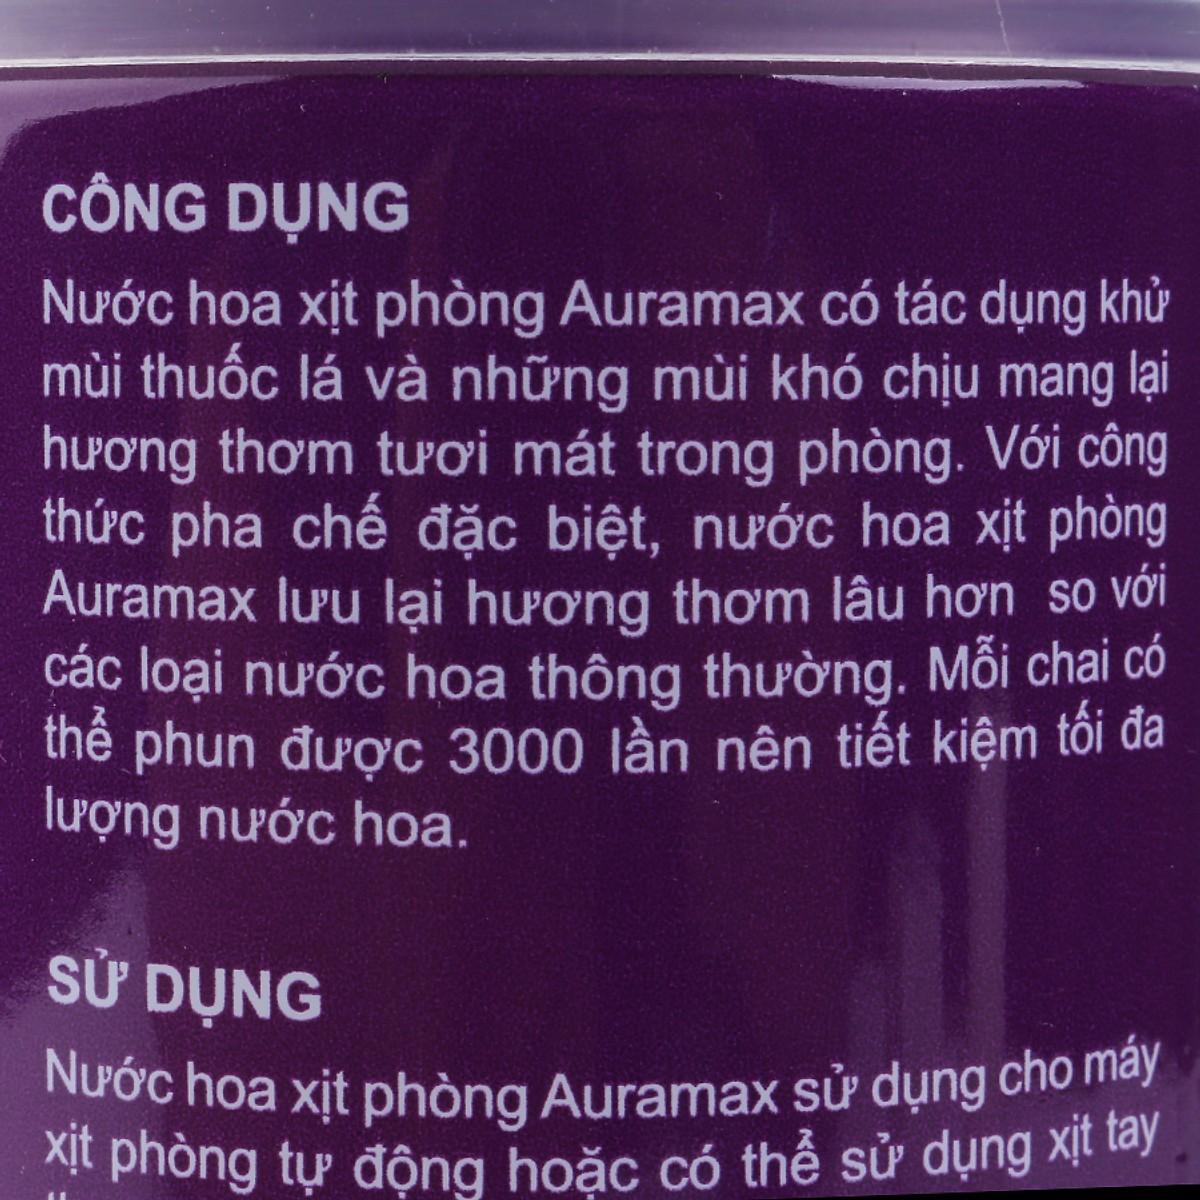 Nước hoa xịt phòng Auramax 300ml hương Potporry